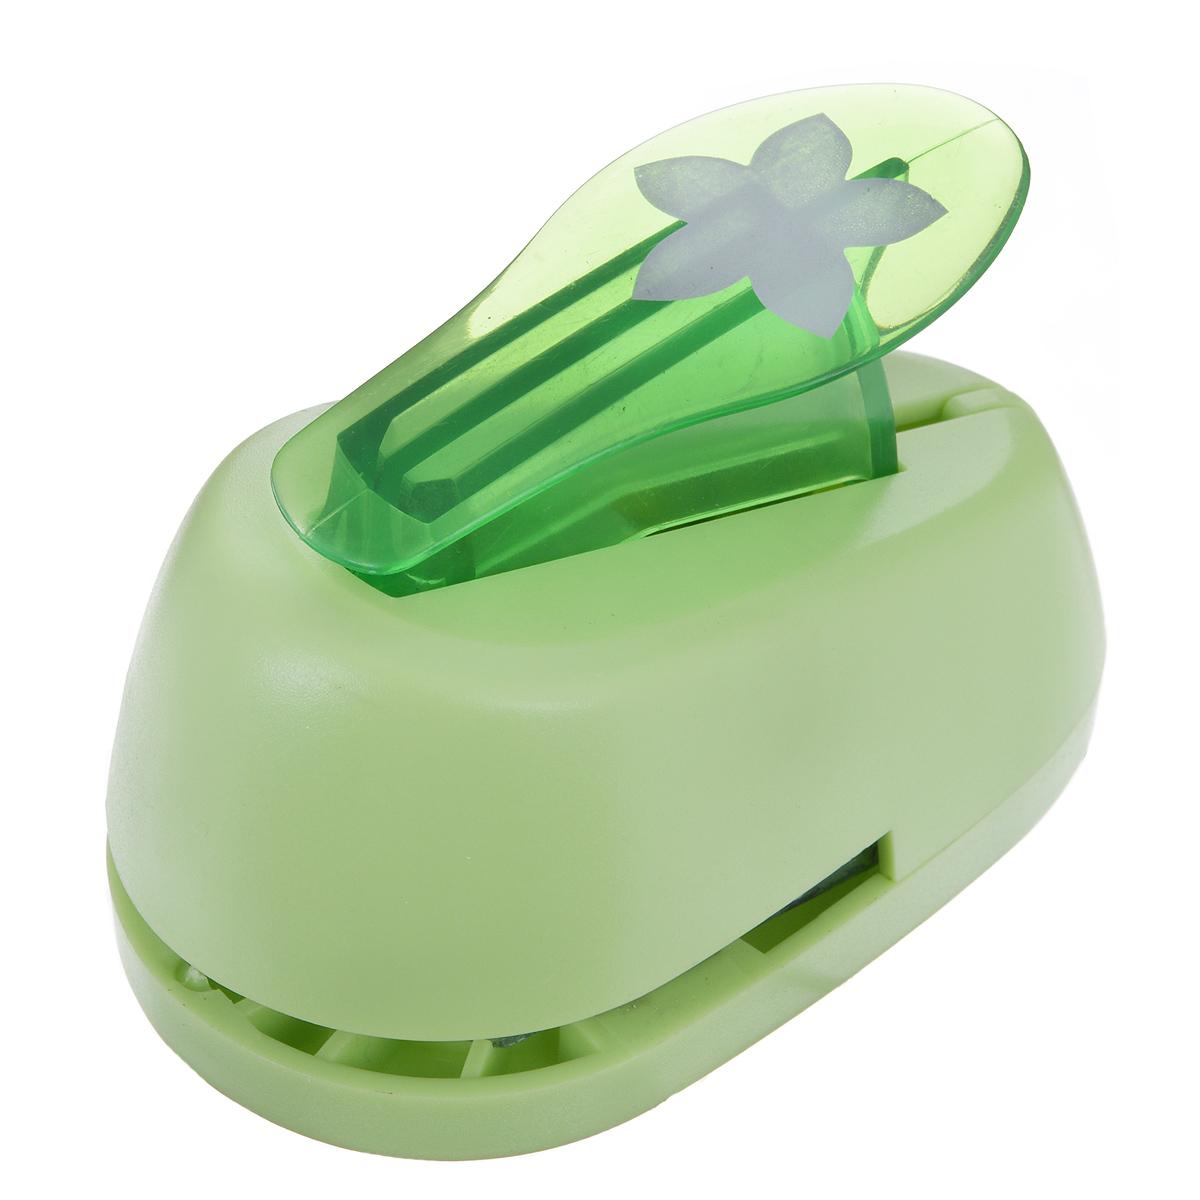 Дырокол фигурный Hobbyboom Цветок, №97, цвет: зеленый, 2,5 смCD-99M-097Фигурный дырокол Hobbyboom Цветок, изготовленный из прочного металла и пластика, поможет вам легко, просто и аккуратно вырезать много одинаковых мелких фигурок. Режущие части дырокола закрыты пластиковым корпусом, что обеспечивает безопасность для детей. Предназначен для бумаги плотностью - 80 - 200 г/м2. Рисунок прорези указан на ручке дырокола. Размер дырокола: 8 см х 5 см х 4,5 см. Диаметр готовой фигурки: 2,5 см.